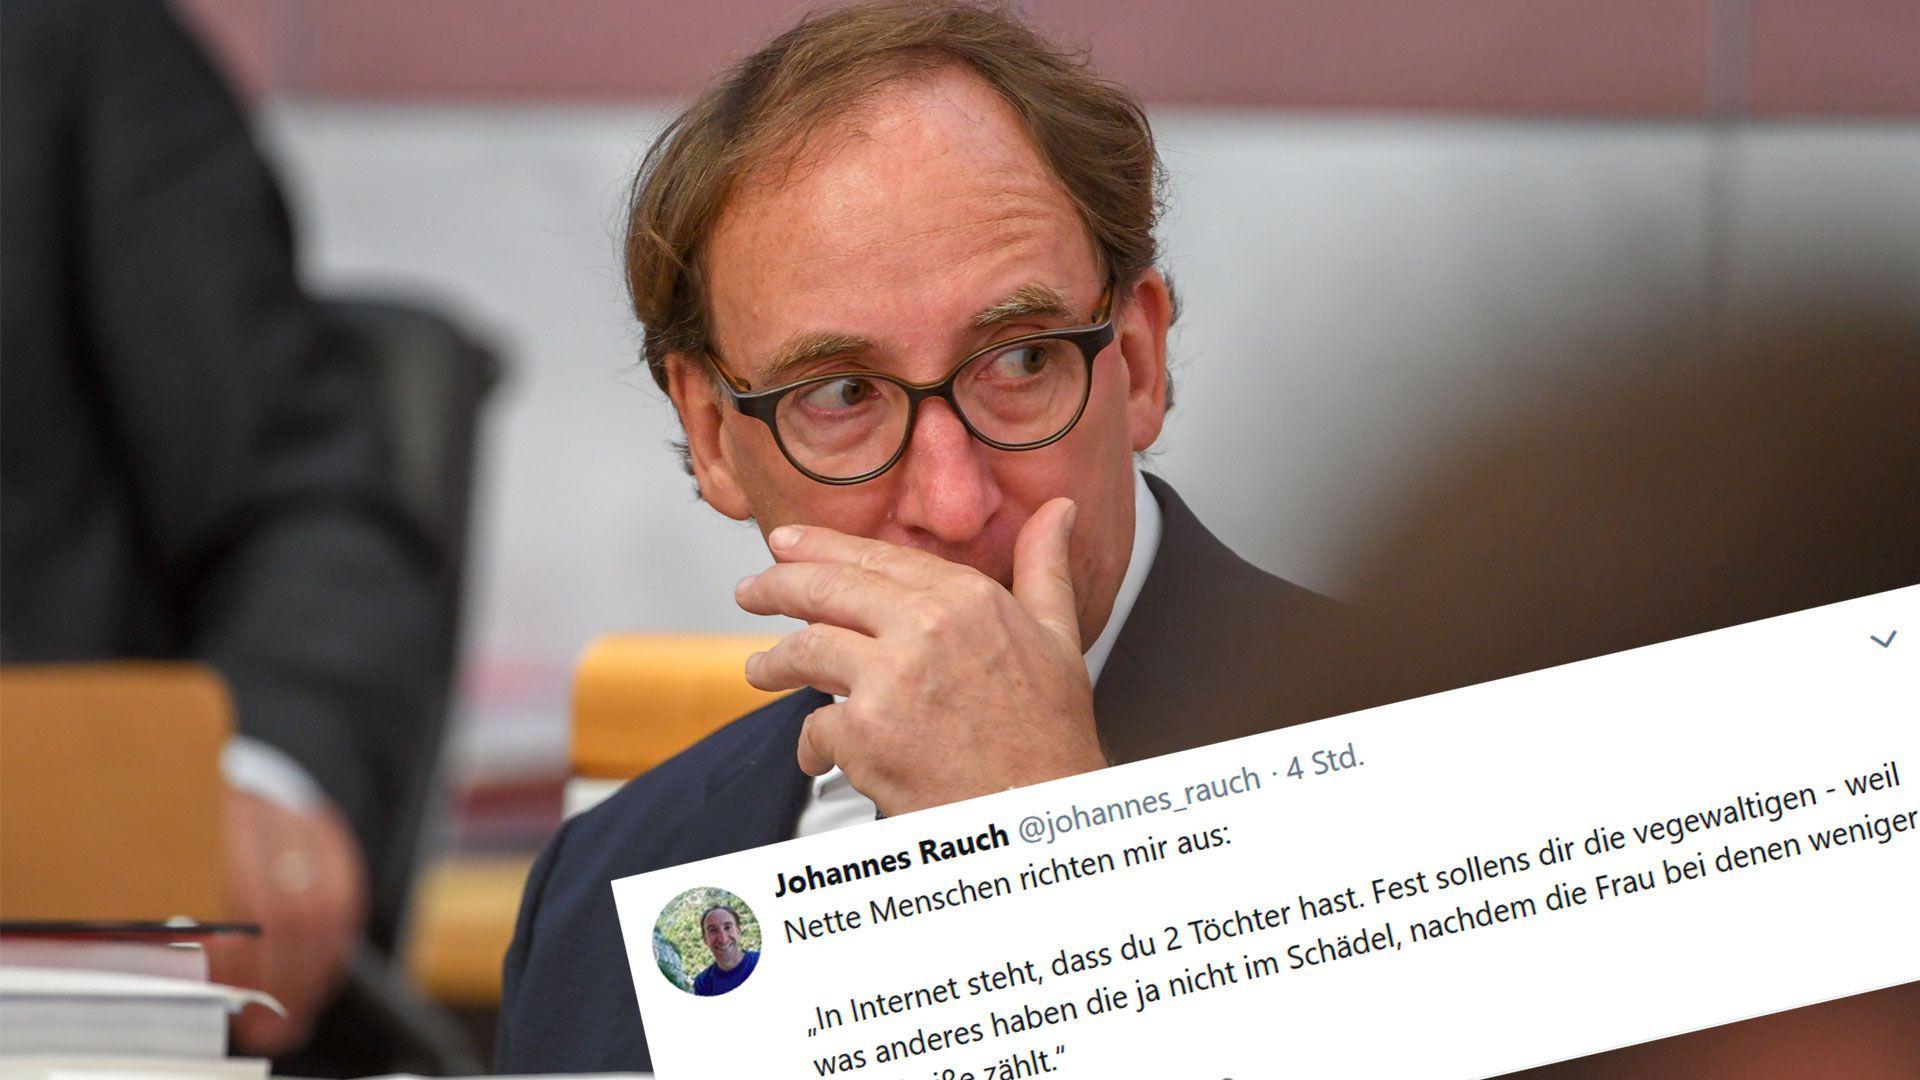 Vorarlberg: Hassposter wünscht Rauch-Töchtern Vergewaltigung